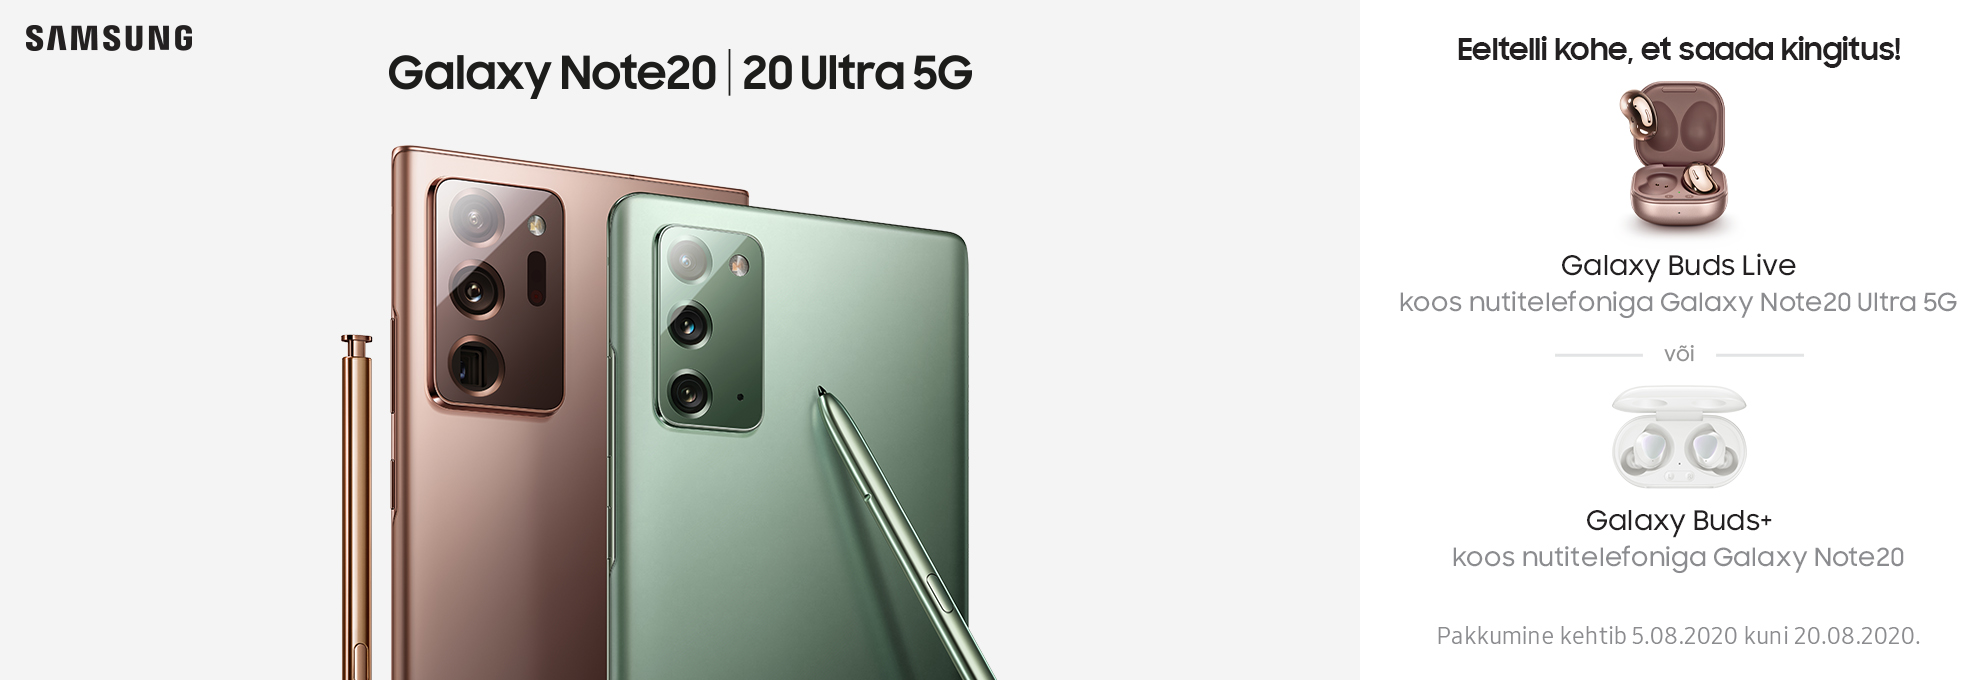 Eeltelli Samsung Galaxy Note20 või Note20 Ultra 5G ja saa kingiks Samsungi juhtmevabad kõrvaklapid